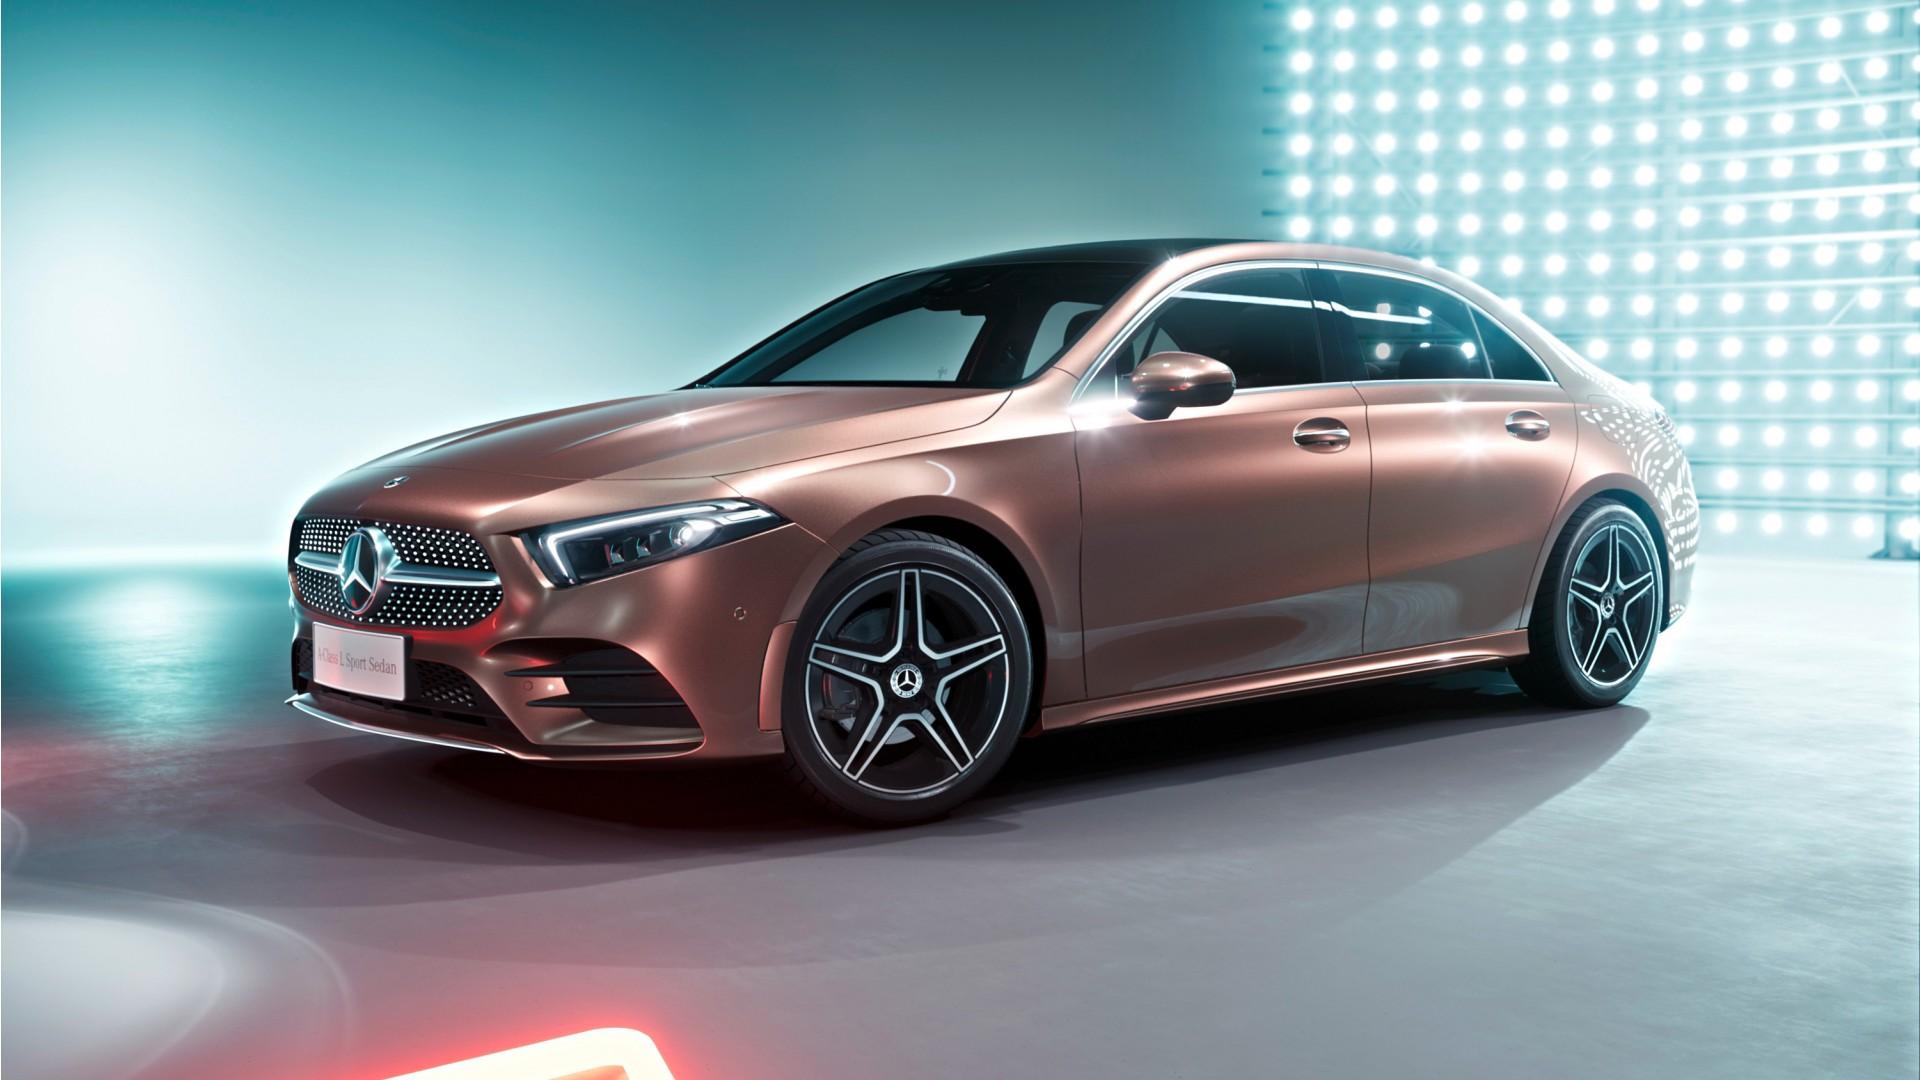 2019 Mercedes Benz A200 L Sport Sedan 4K 4 Wallpaper | HD Car Wallpapers | ID #10307